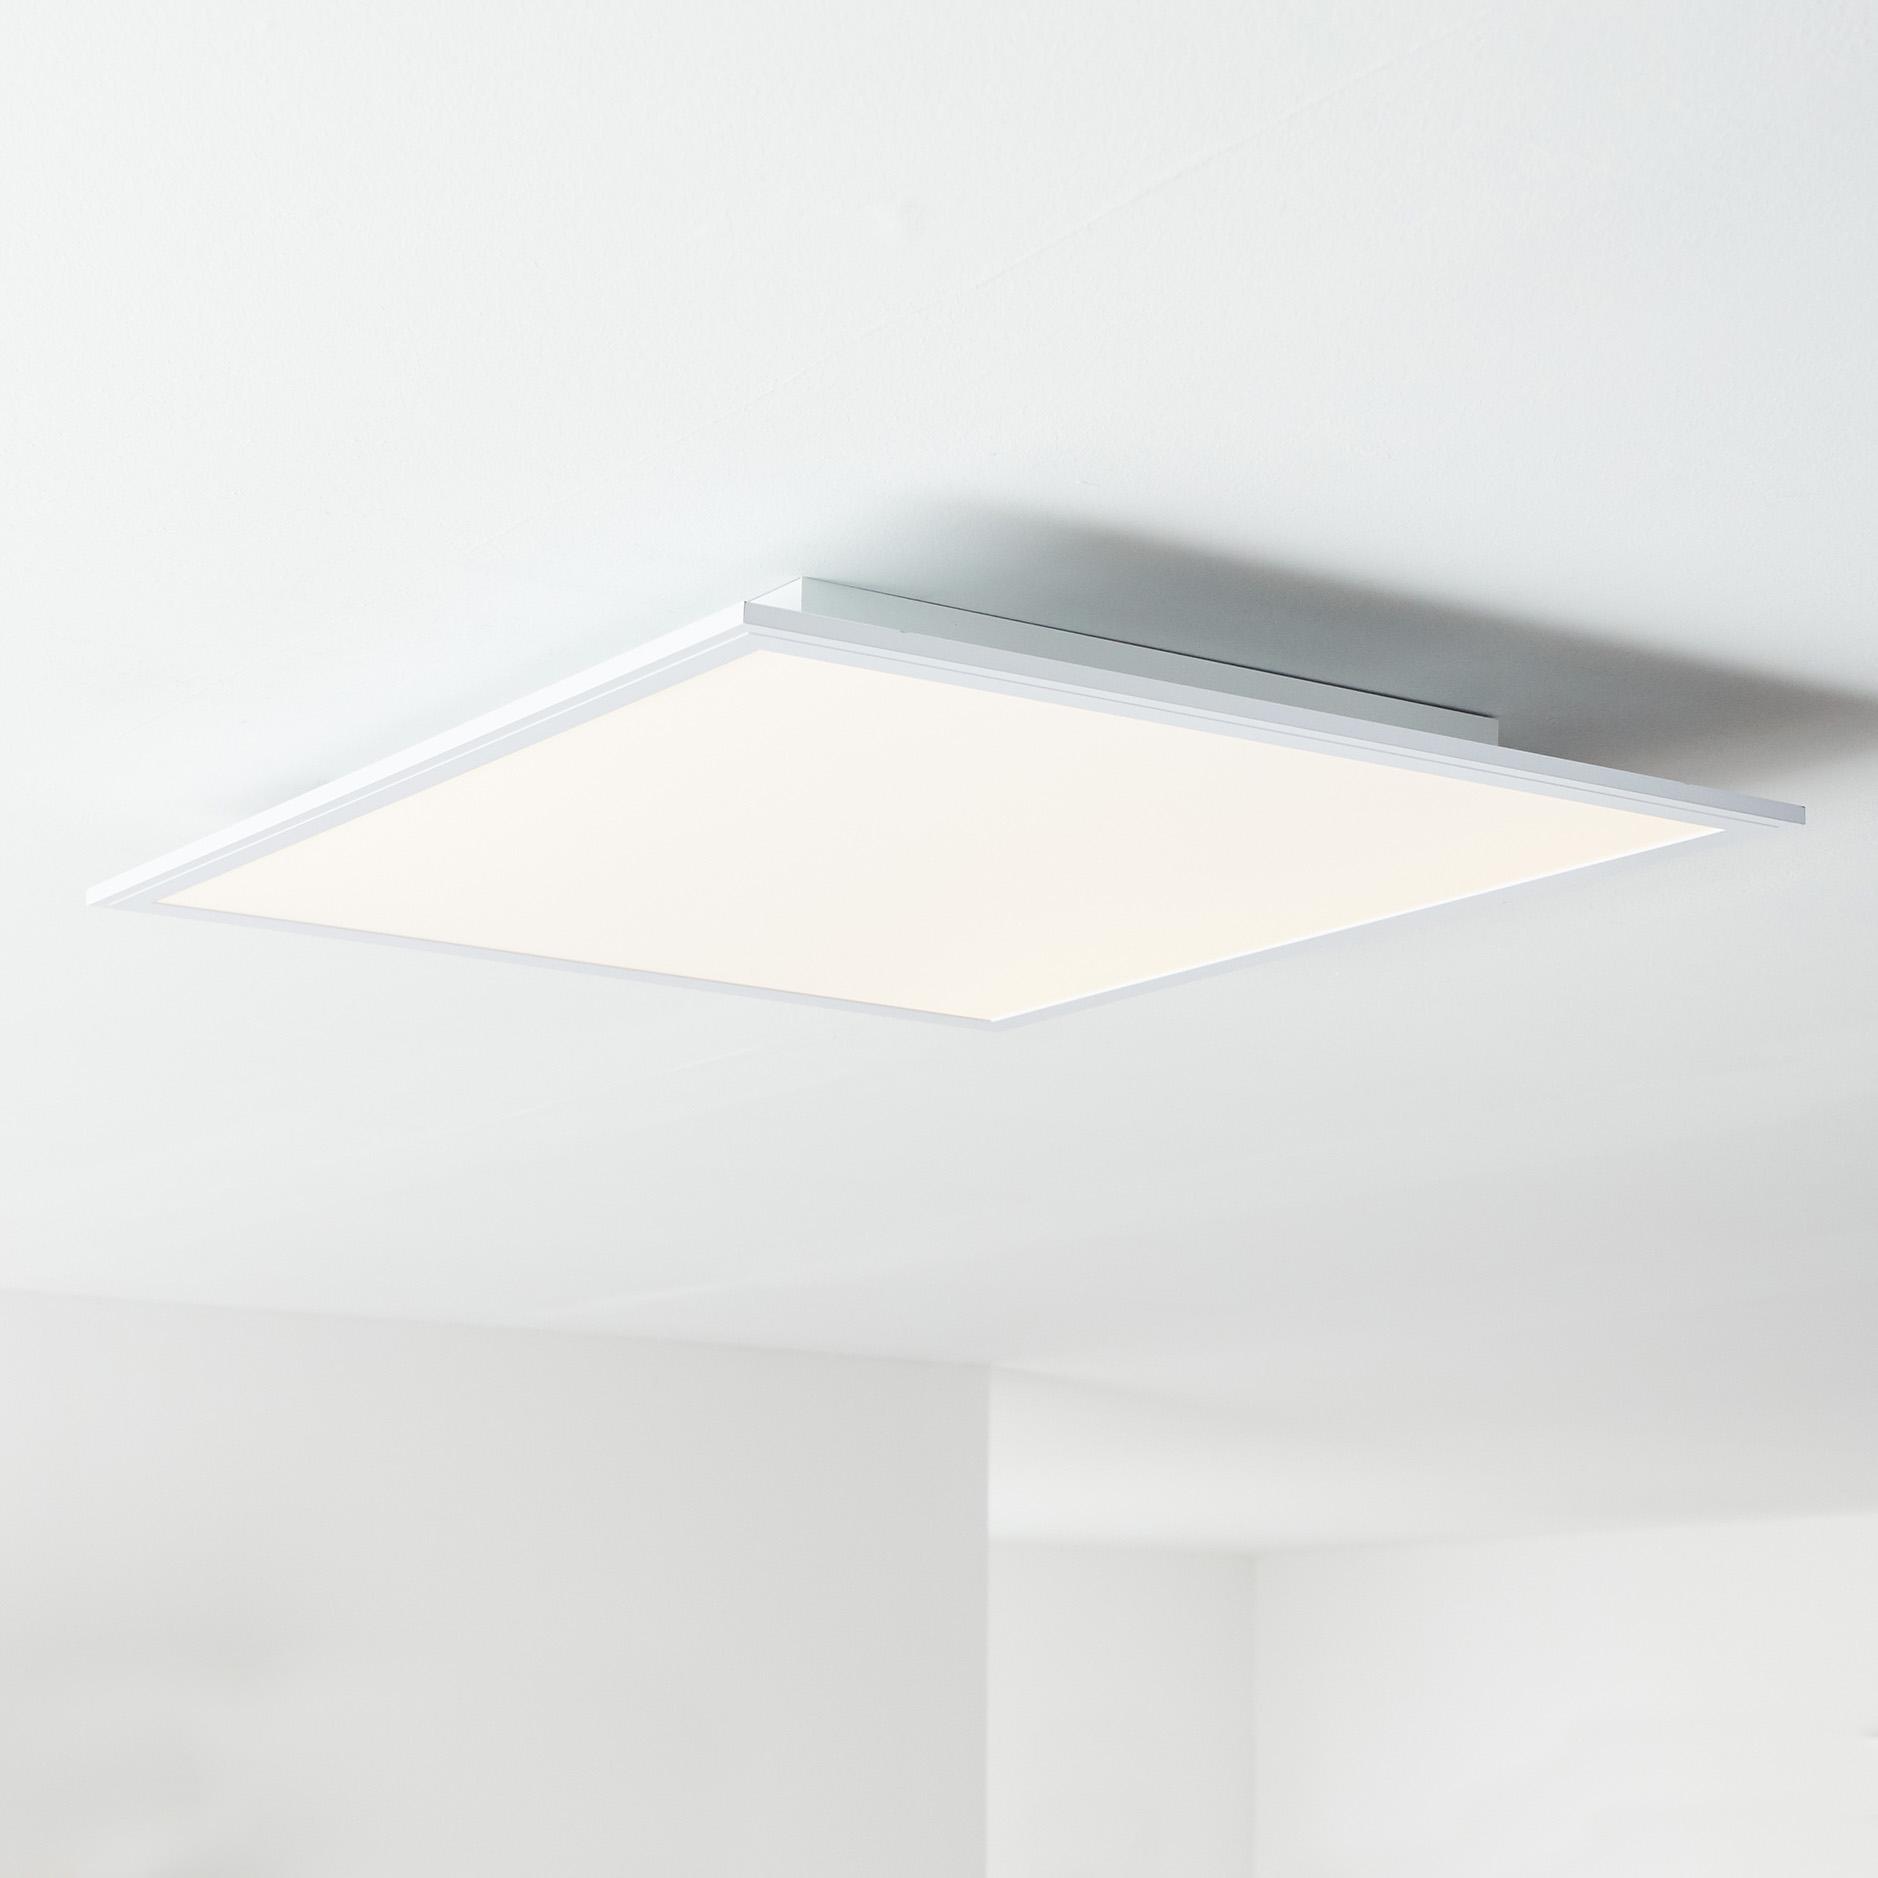 1x 40W LED int Fernbedienung RGB Farbwechsel LED Panel Deckenleuchte 120x30cm